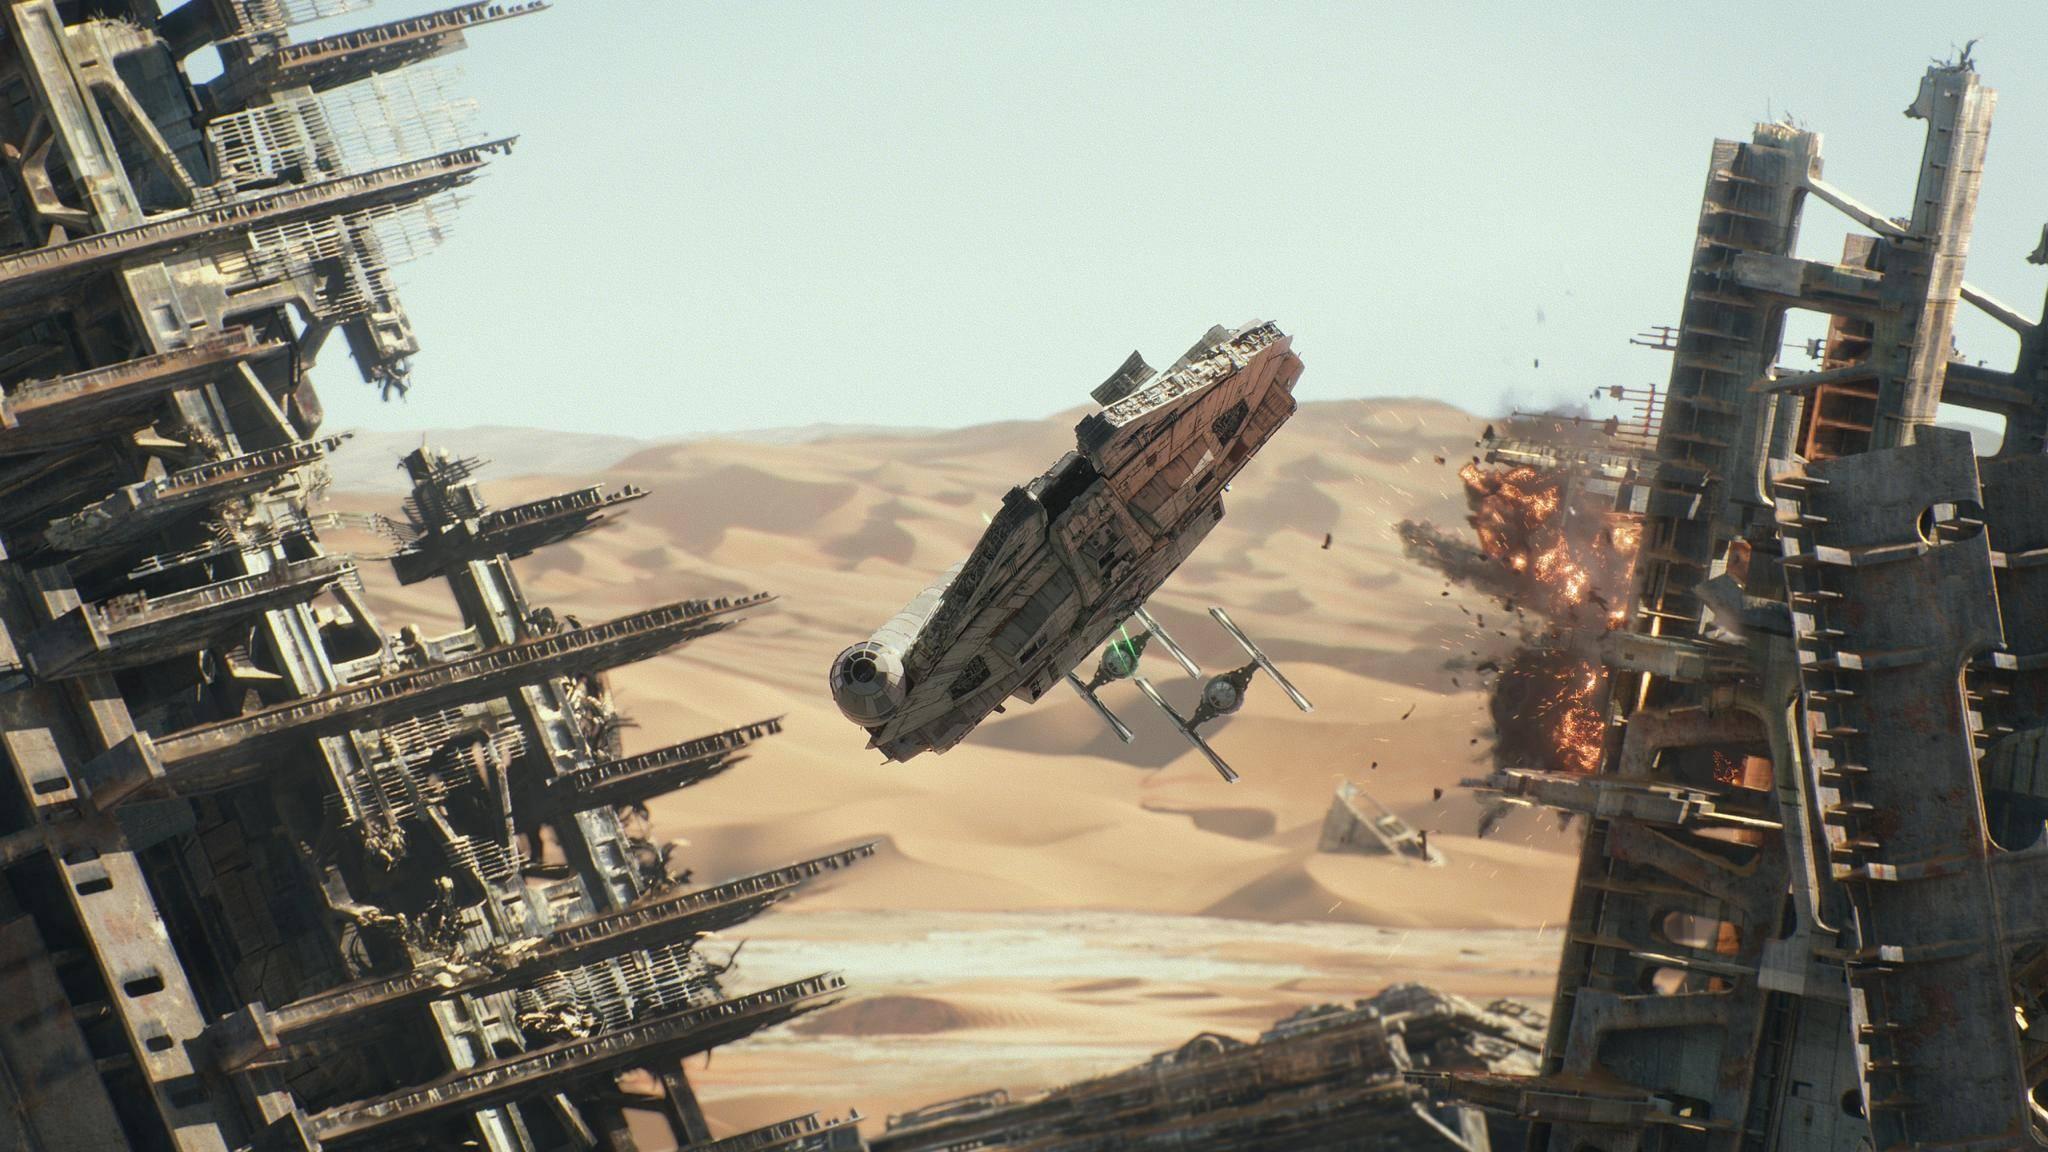 """Wird J.J. Abrams sich für """"Star Wars 9"""" ein wenig von den Originalteilen loslösen?"""